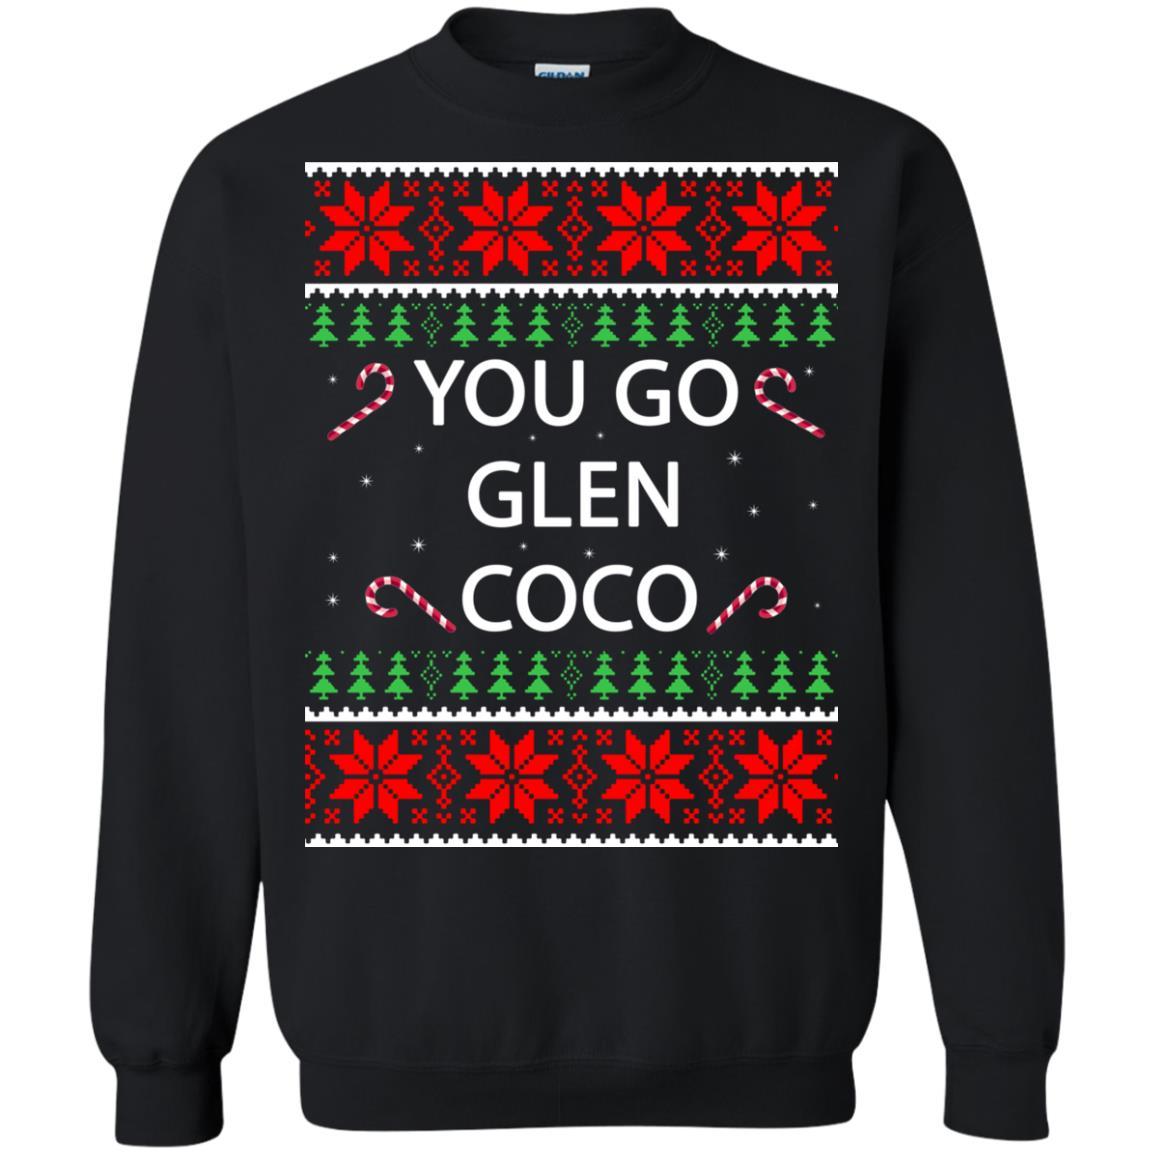 image 3153 - You Go Glen Coco Sweatshirts, Hoodie, Tank